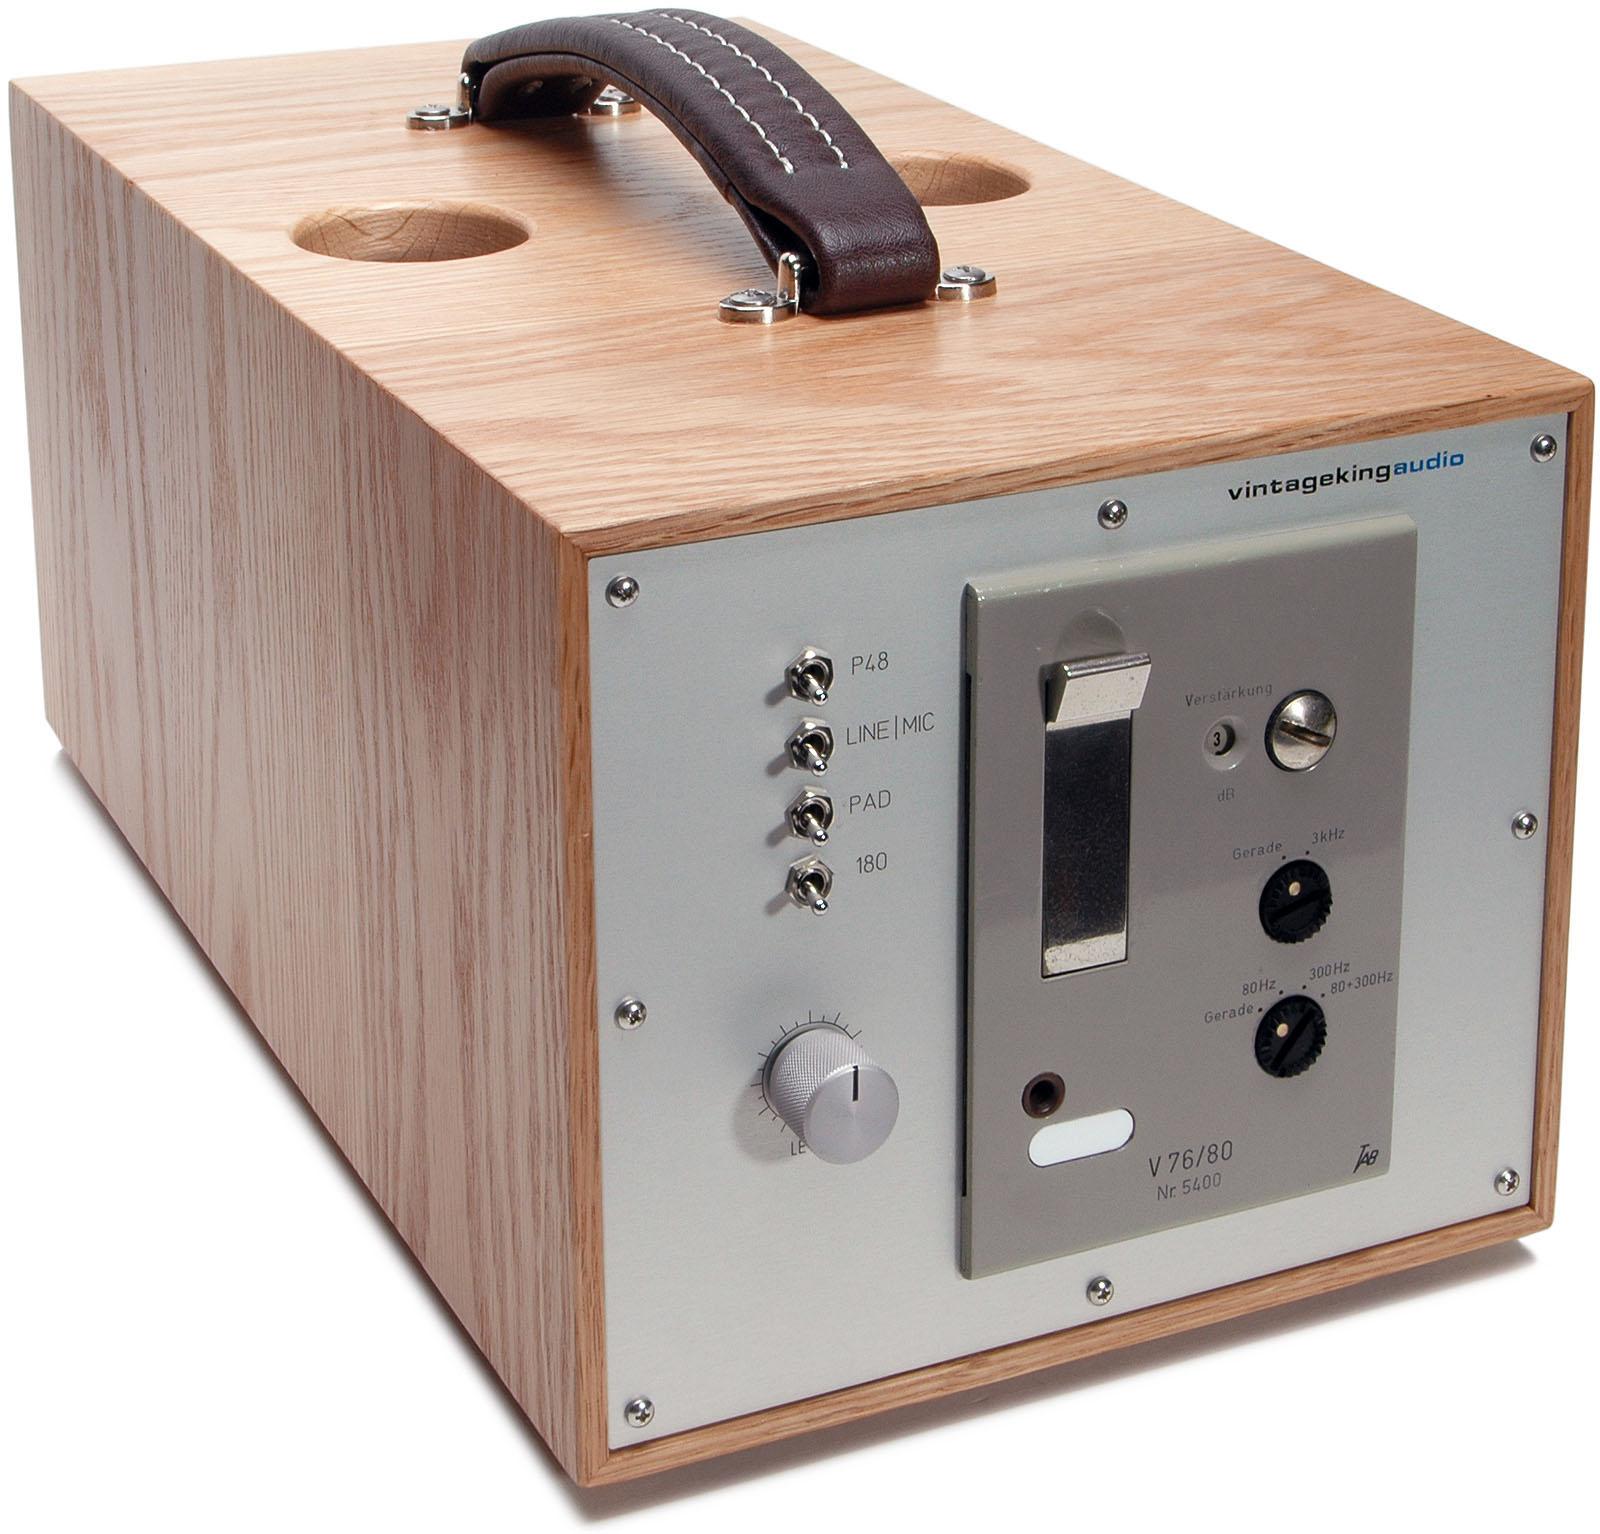 Telefunken V76 Serial Number 5400